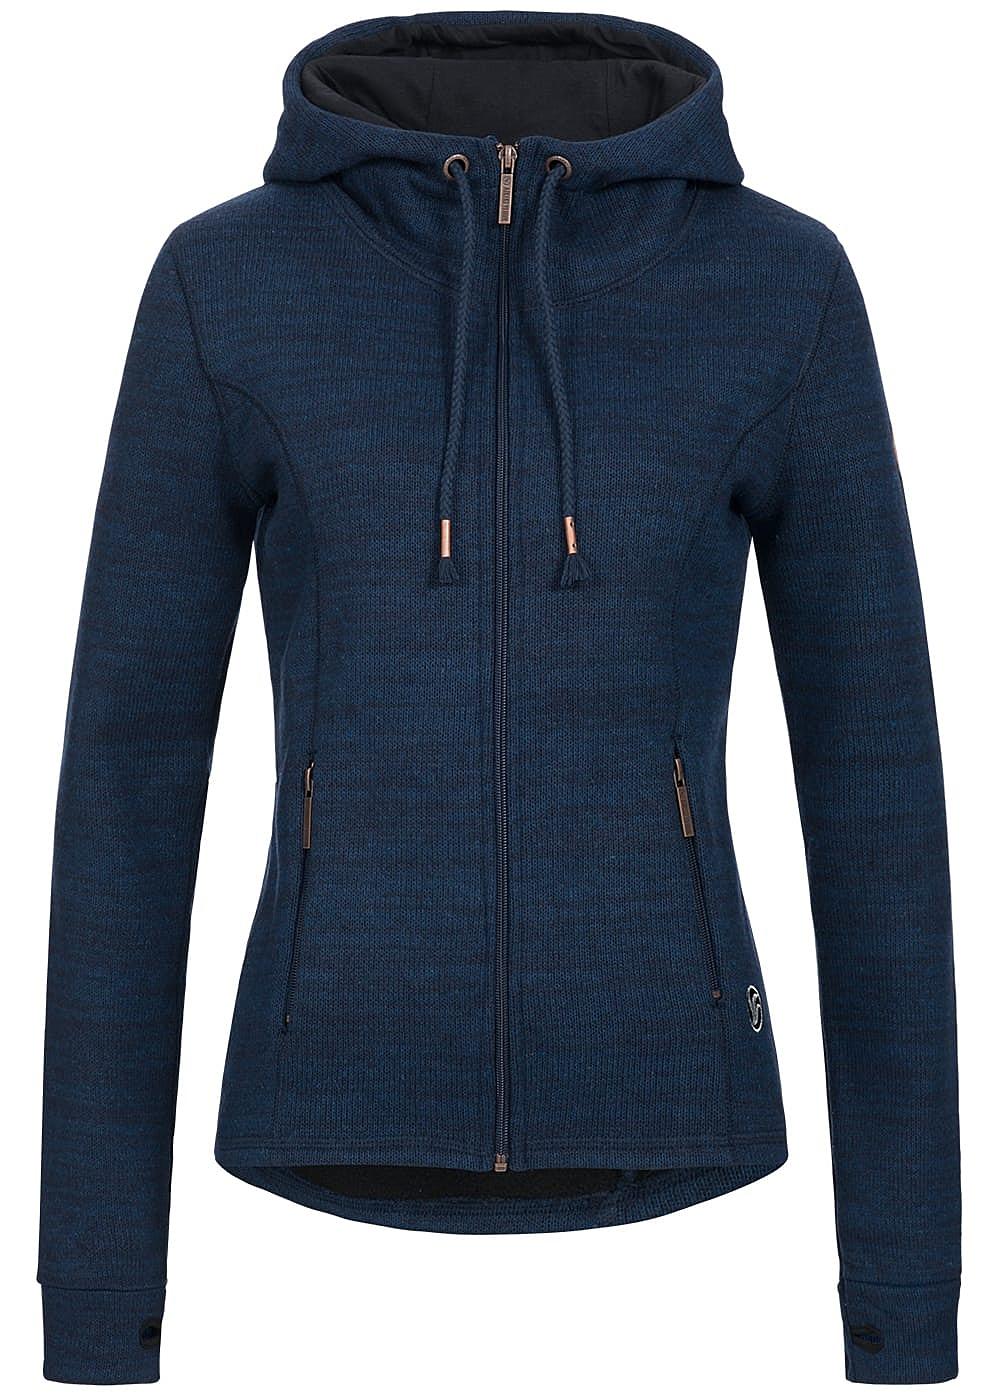 aiki damen zip hoodie strick 2 taschen mit zipper tunnelzug navy melange 77onlineshop. Black Bedroom Furniture Sets. Home Design Ideas